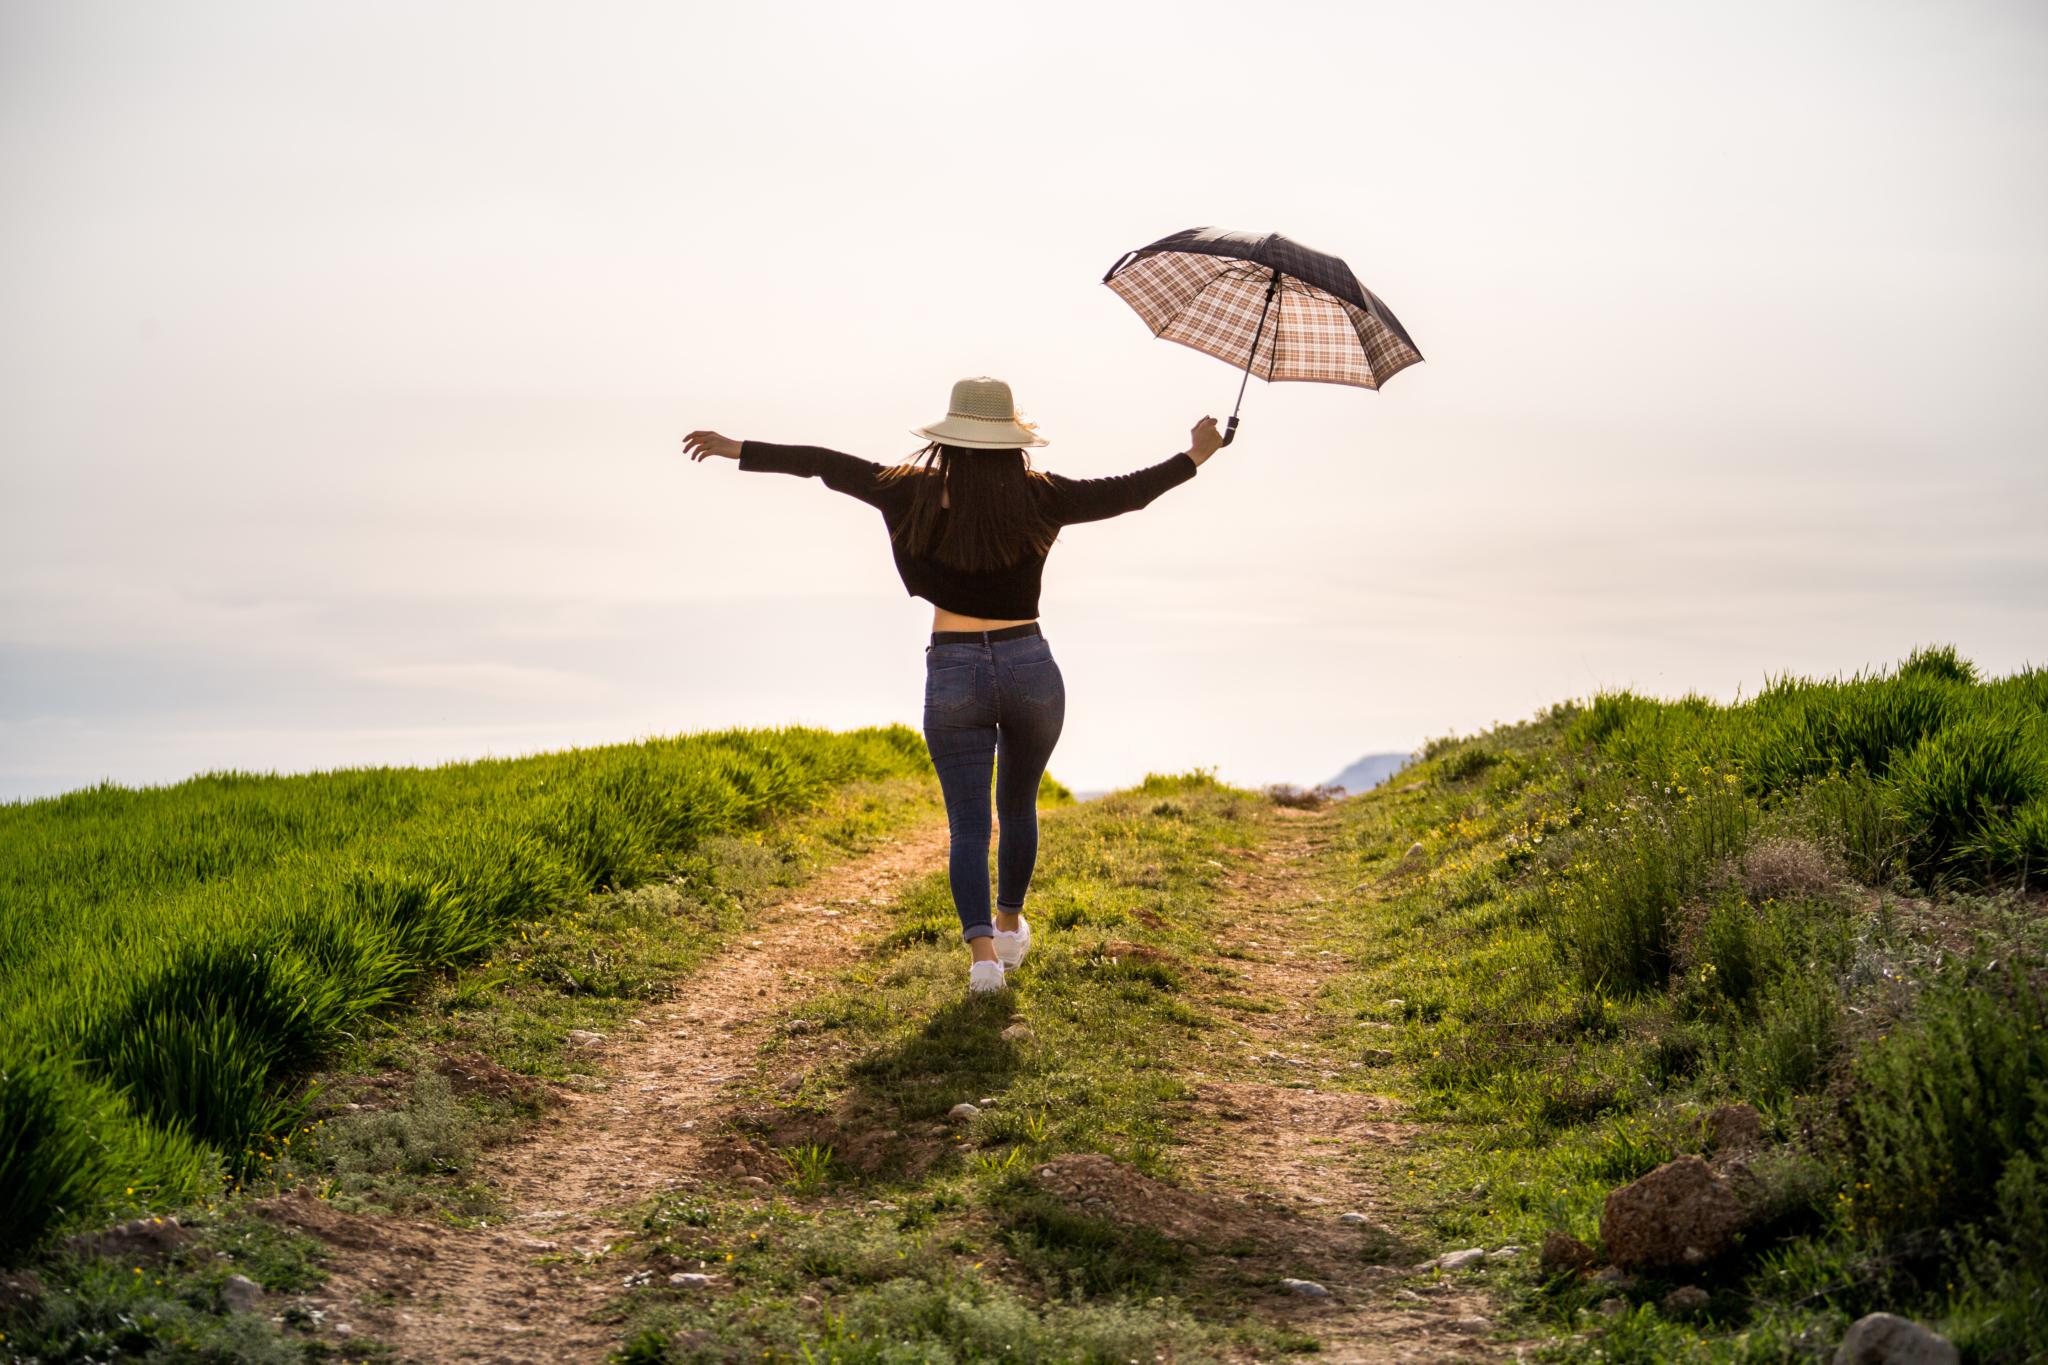 Der Mindset-Shift für mehr Gelassenheit: Willst du recht haben oder willst du glücklich sein?